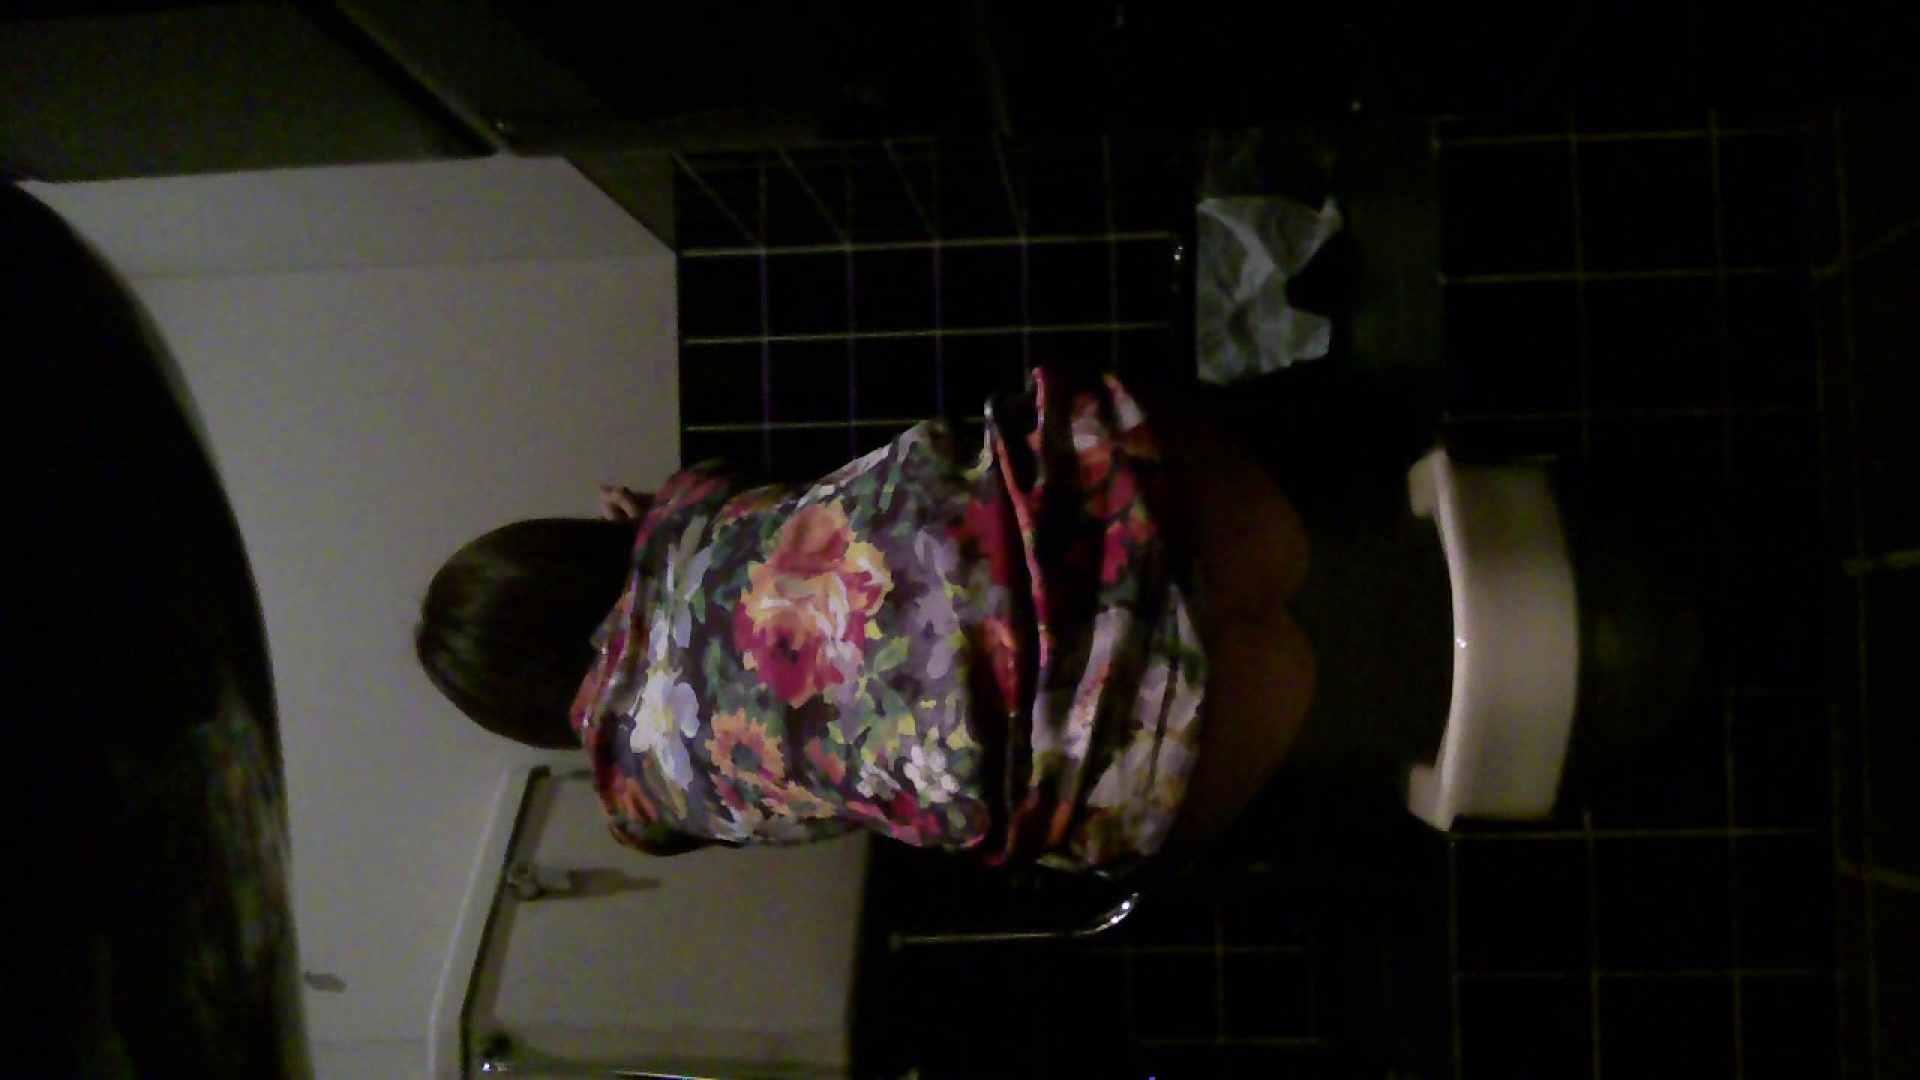 美女の集まる飲み屋洗面所 vol.04 美女エロ画像   OLエロ画像  52PICs 17